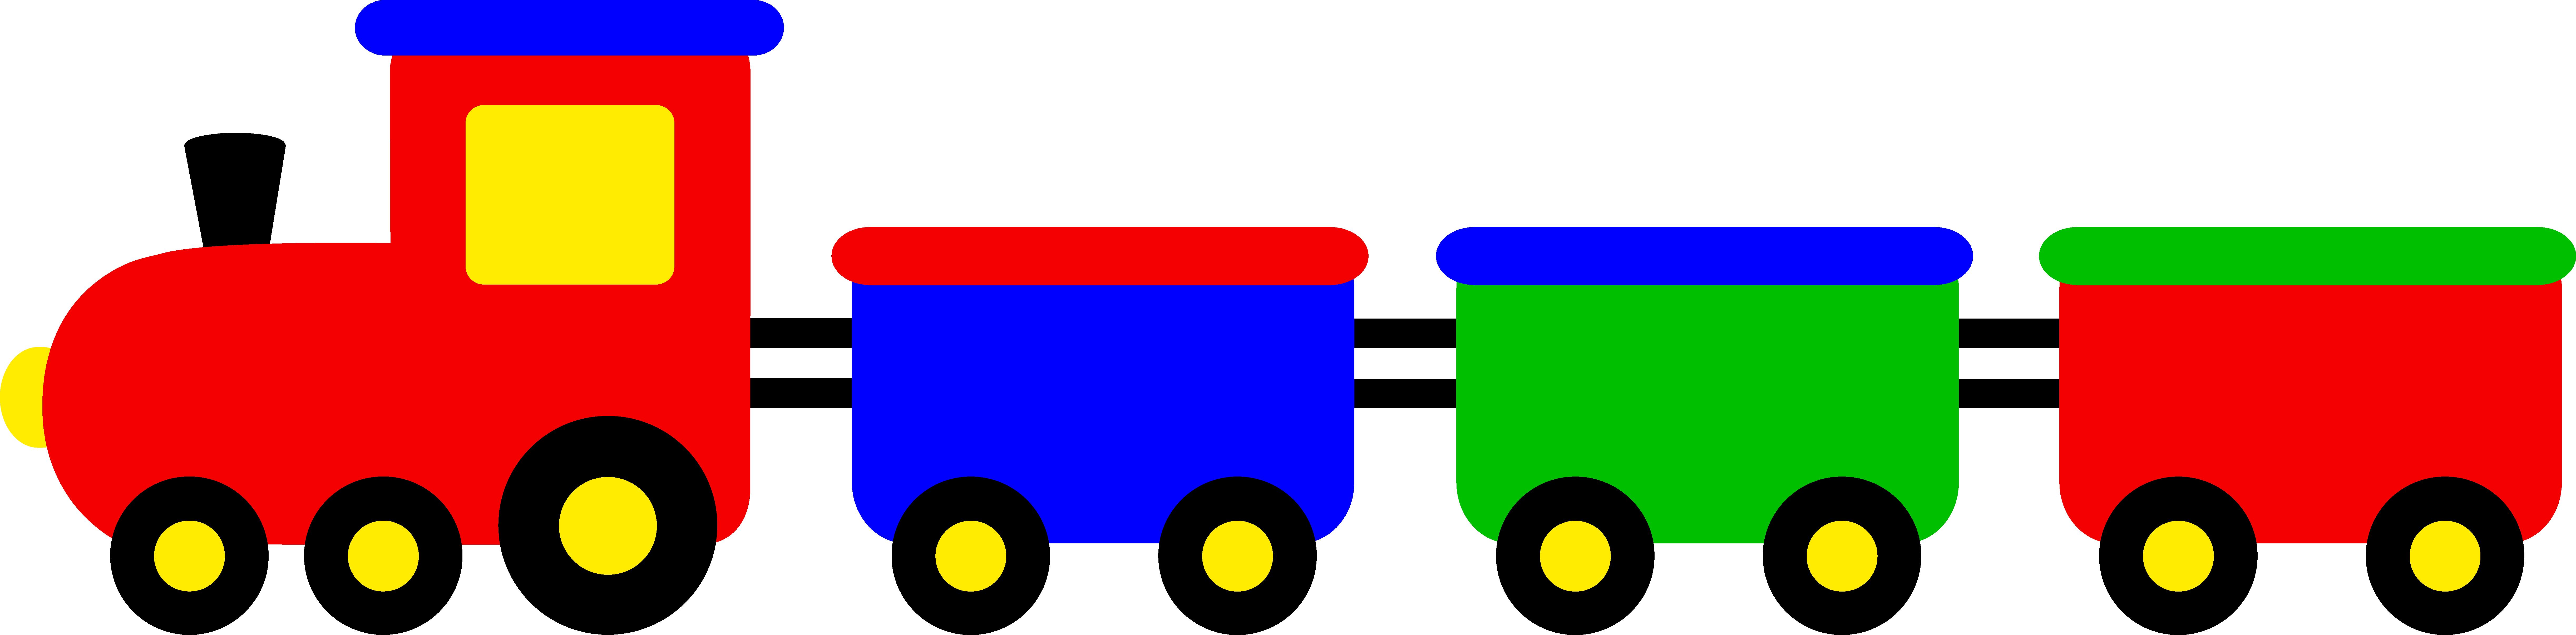 Cartoon Train Clipart